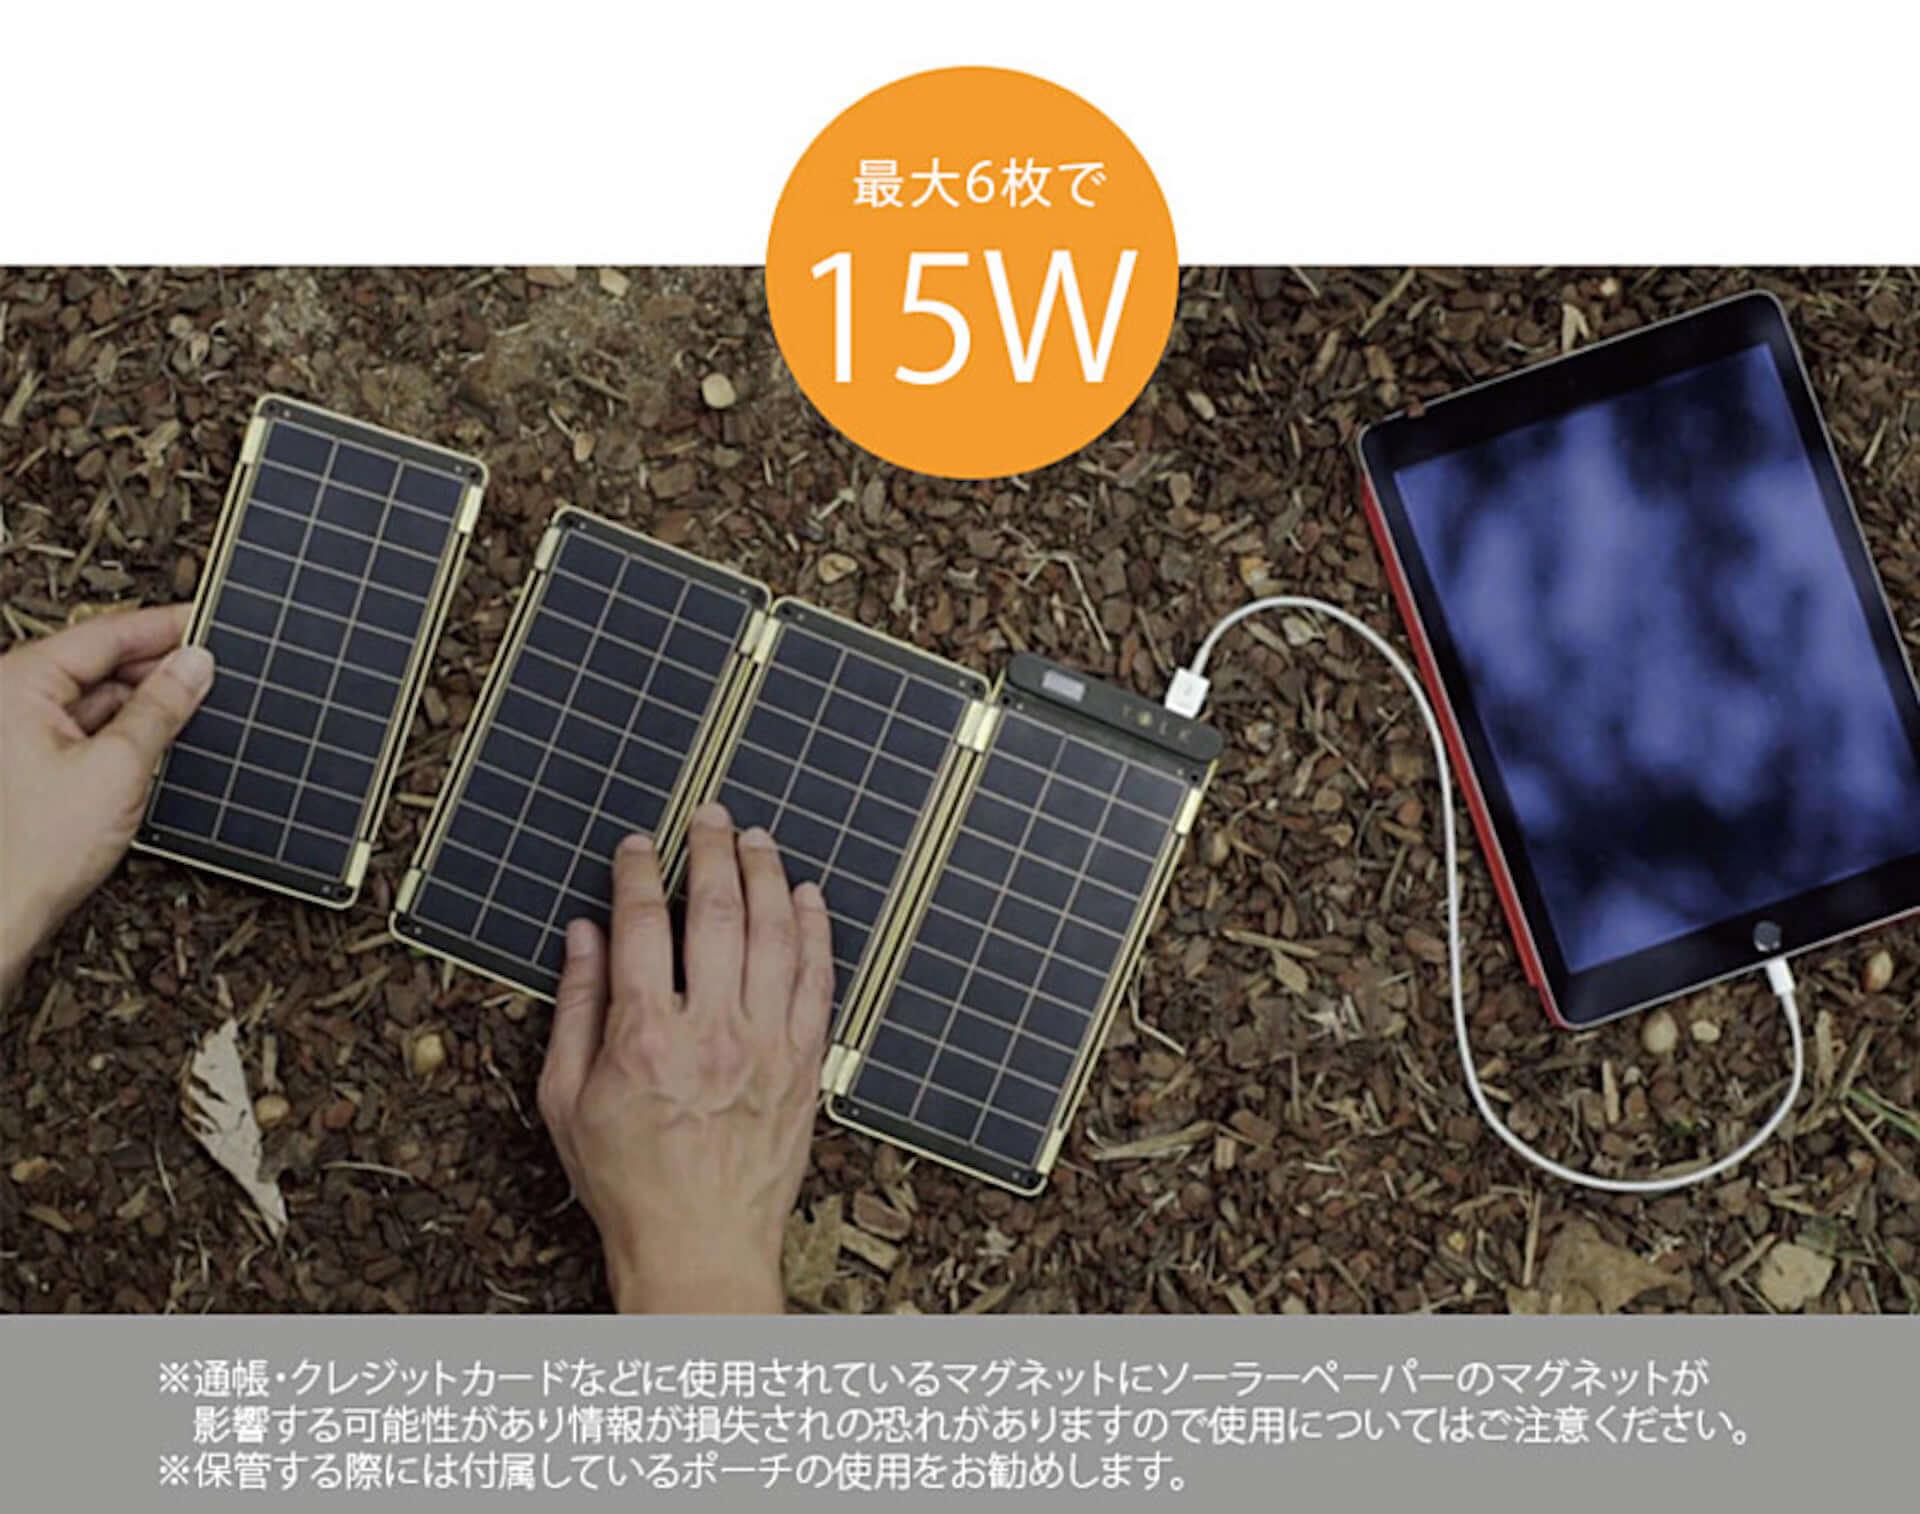 世界最薄・最軽量!家庭用コンセント同等の充電スピードを誇る、高性能ソーラーチャージャー「YOLK Solar Paper」が登場 technology190821yolk-solar-paper_7-1920x1514